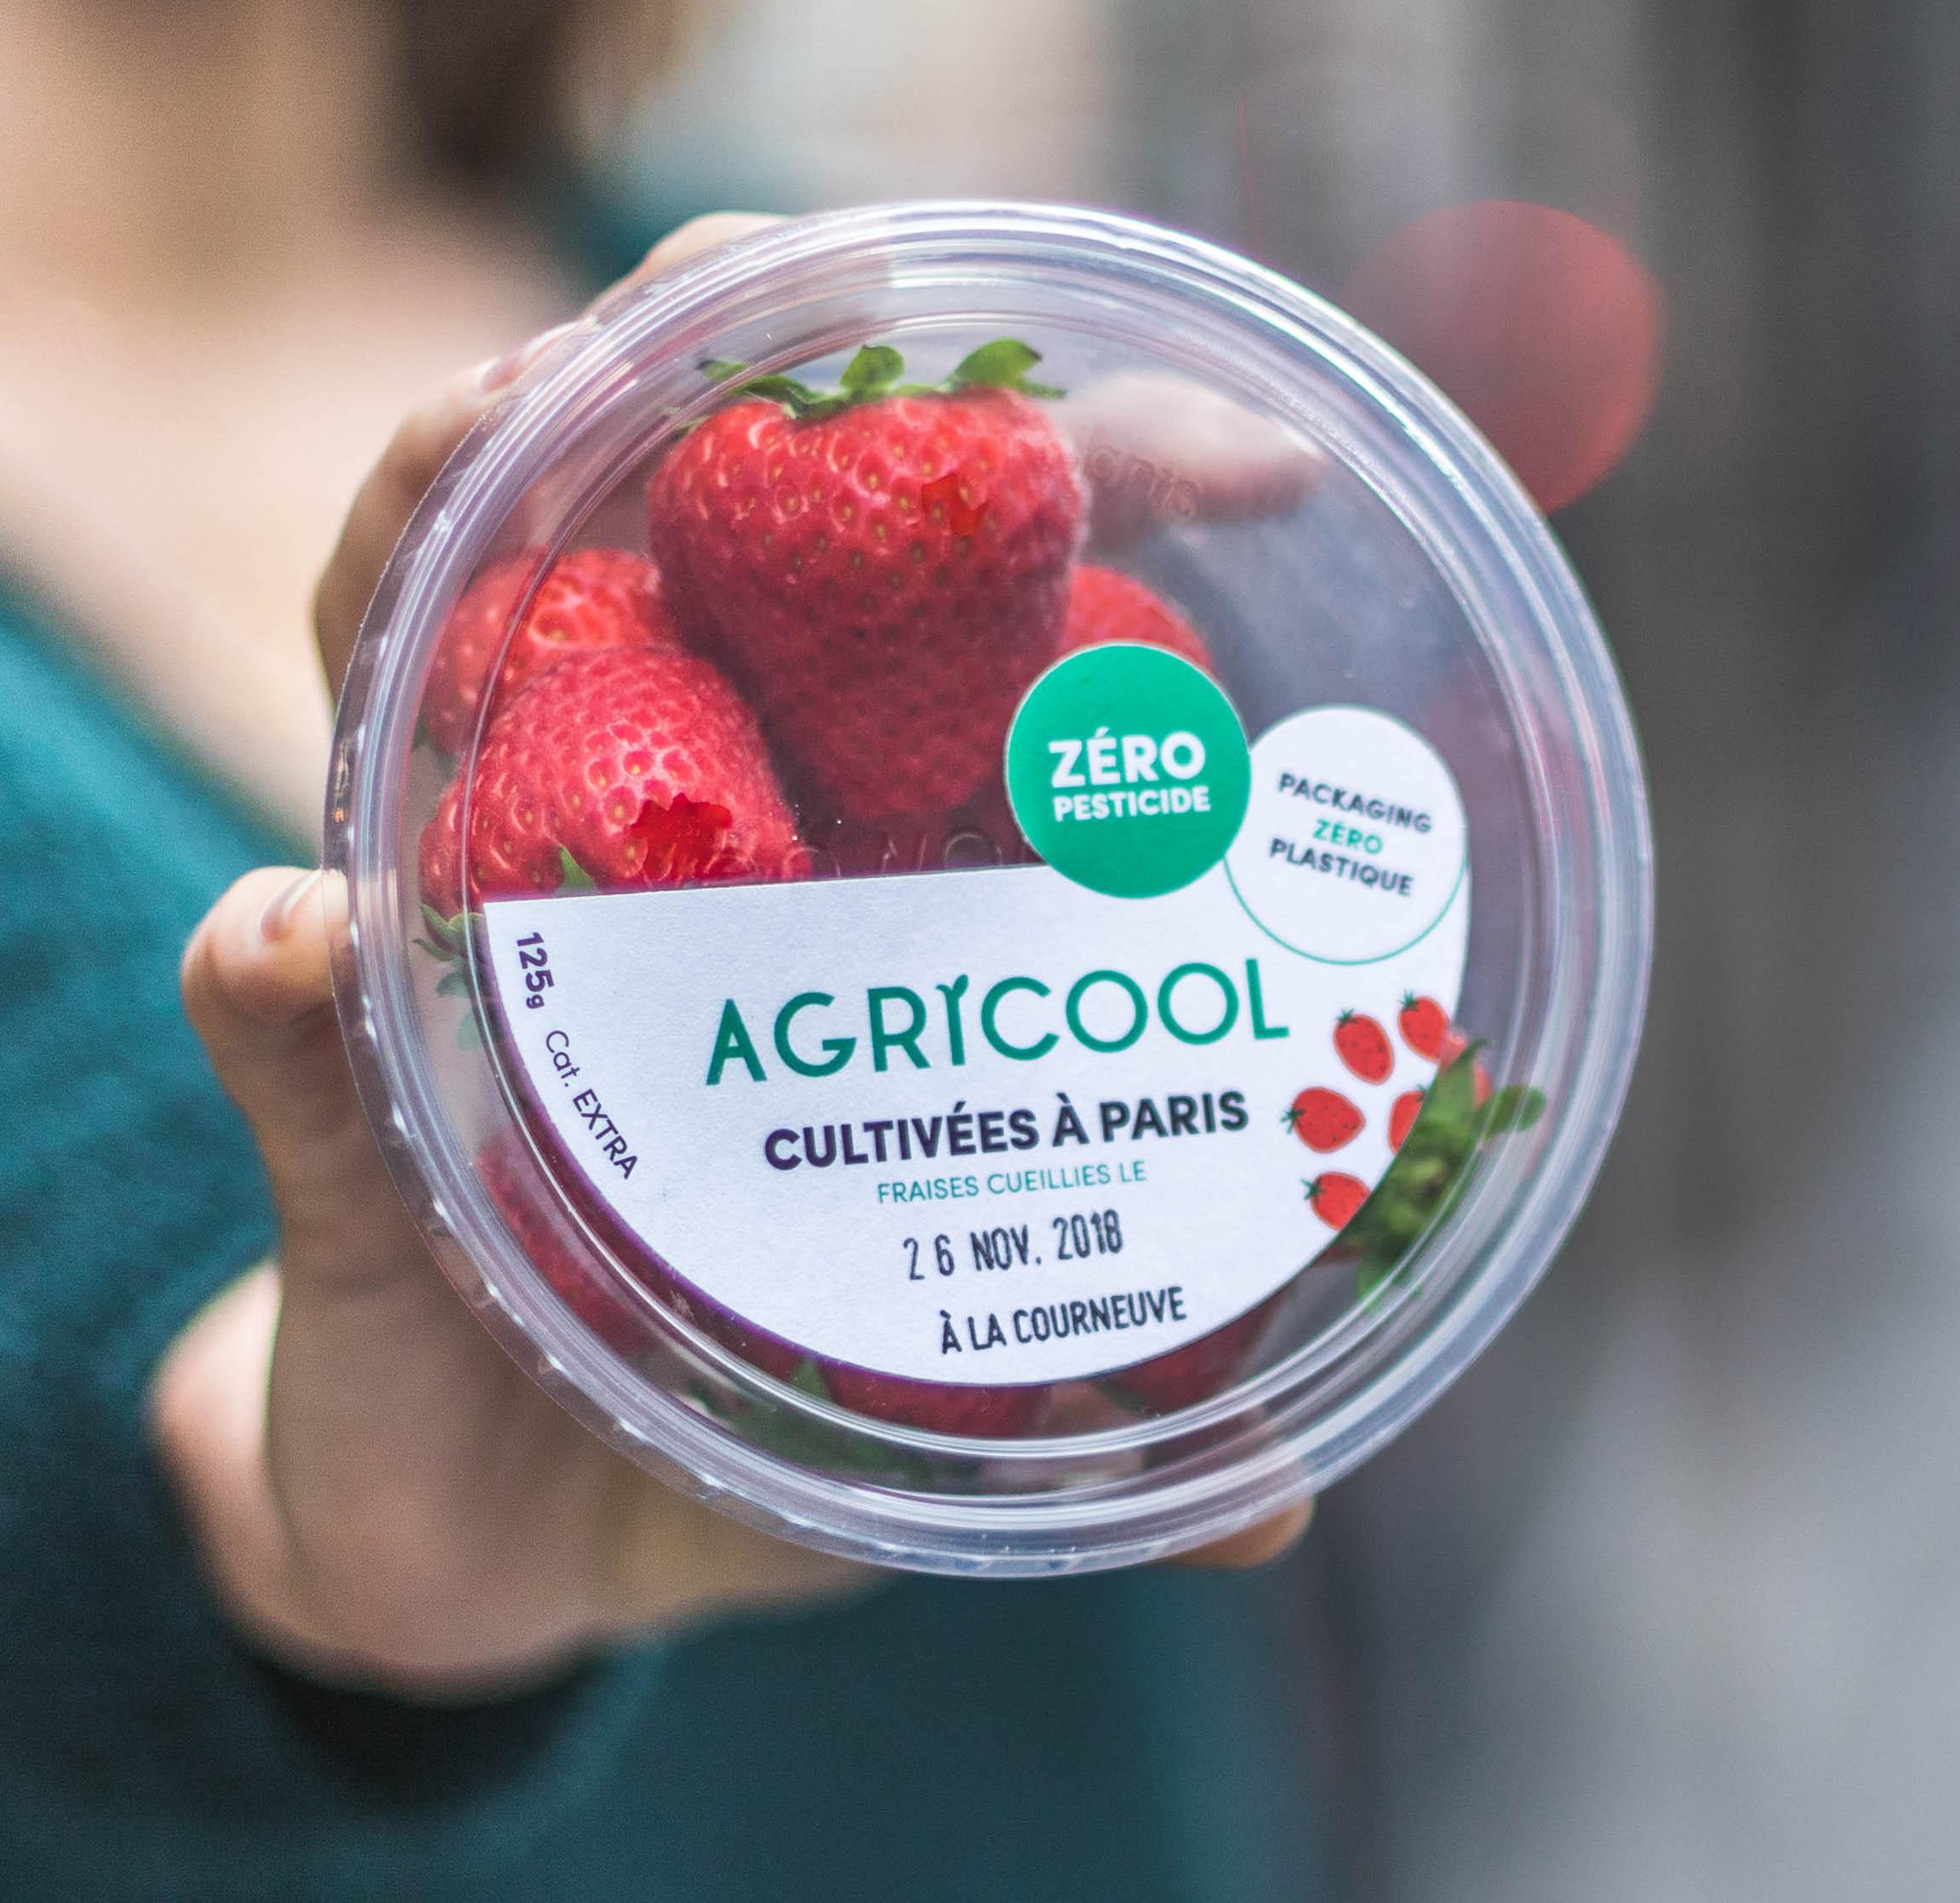 Délicieuses fraises sans pesticide cultivées à Paris, Agricool (125 g)